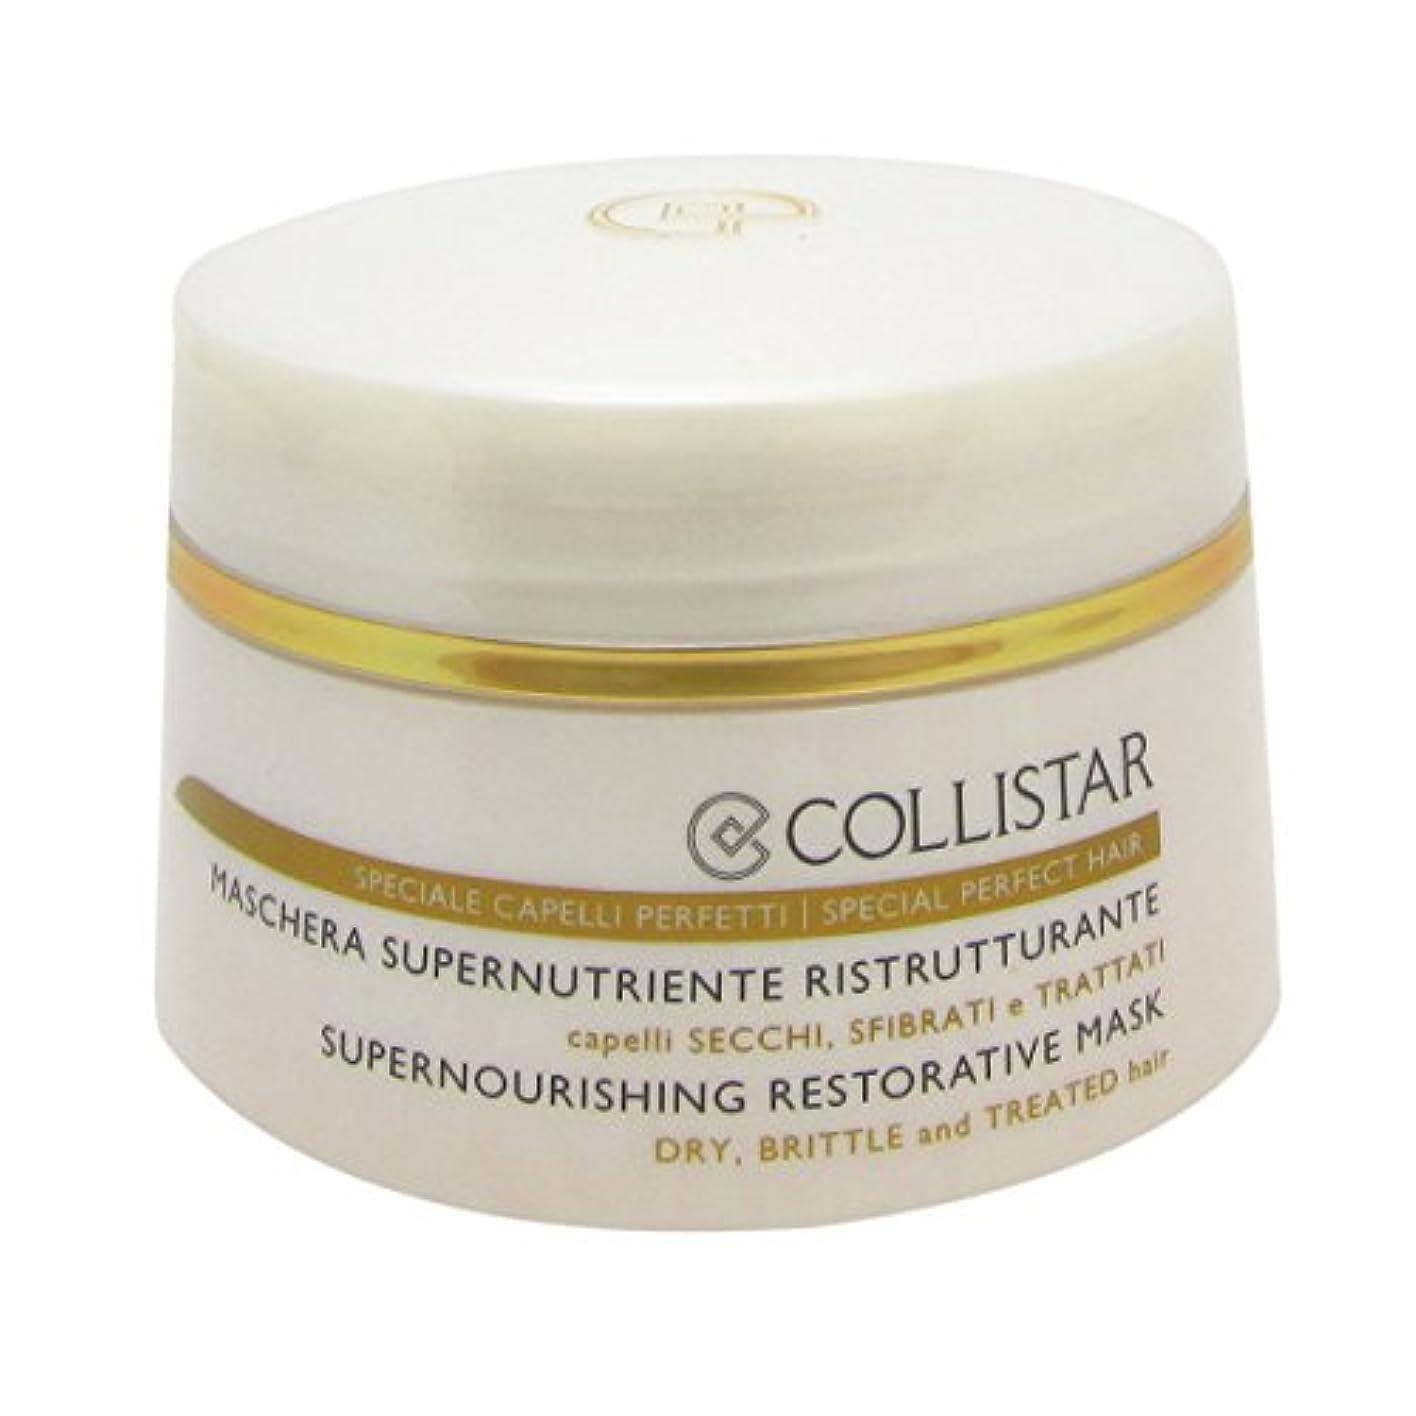 酔っ払い家具削除するCollistar Supernourishing Restorative Mask 200ml [並行輸入品]